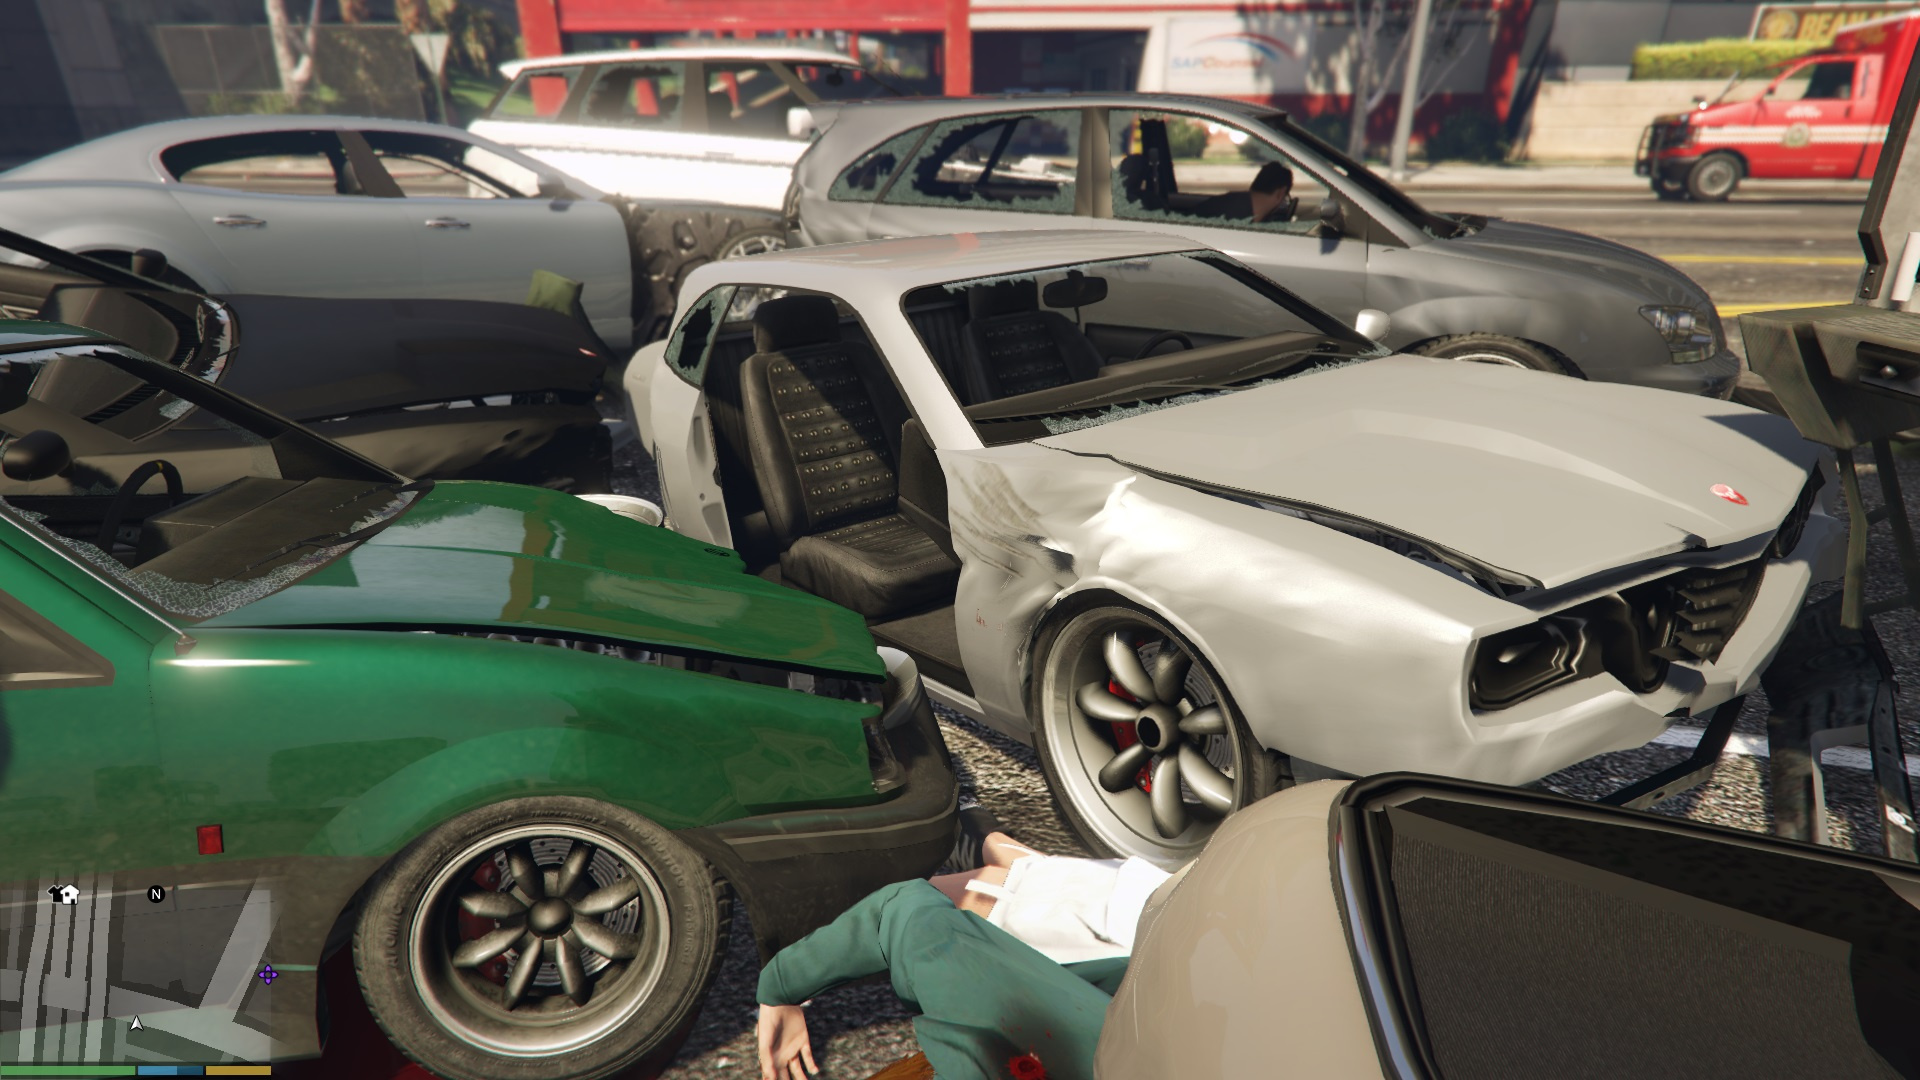 how to explain vehicle damage